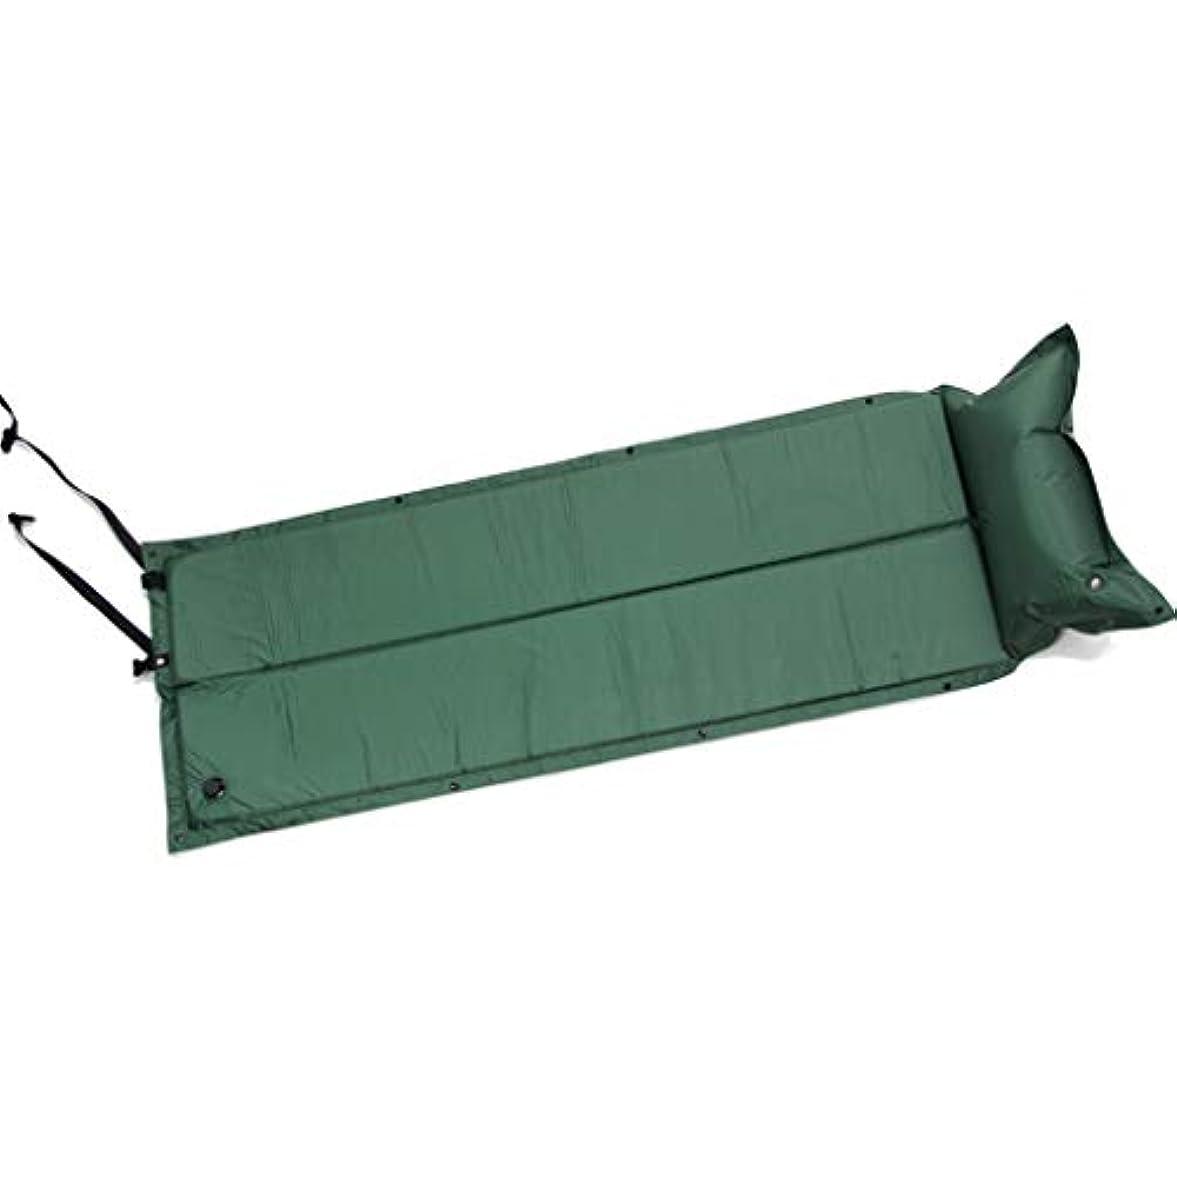 専門知識提供されたつかむBrechton Sleeping Pad with Pillow-超快適なインフレータブルキャンプフォームエアマットレス-テント、ベビーベッド、ハイキング、バックパッキング用の理想的なインフレータブルキャンプベッドマット,グリーン